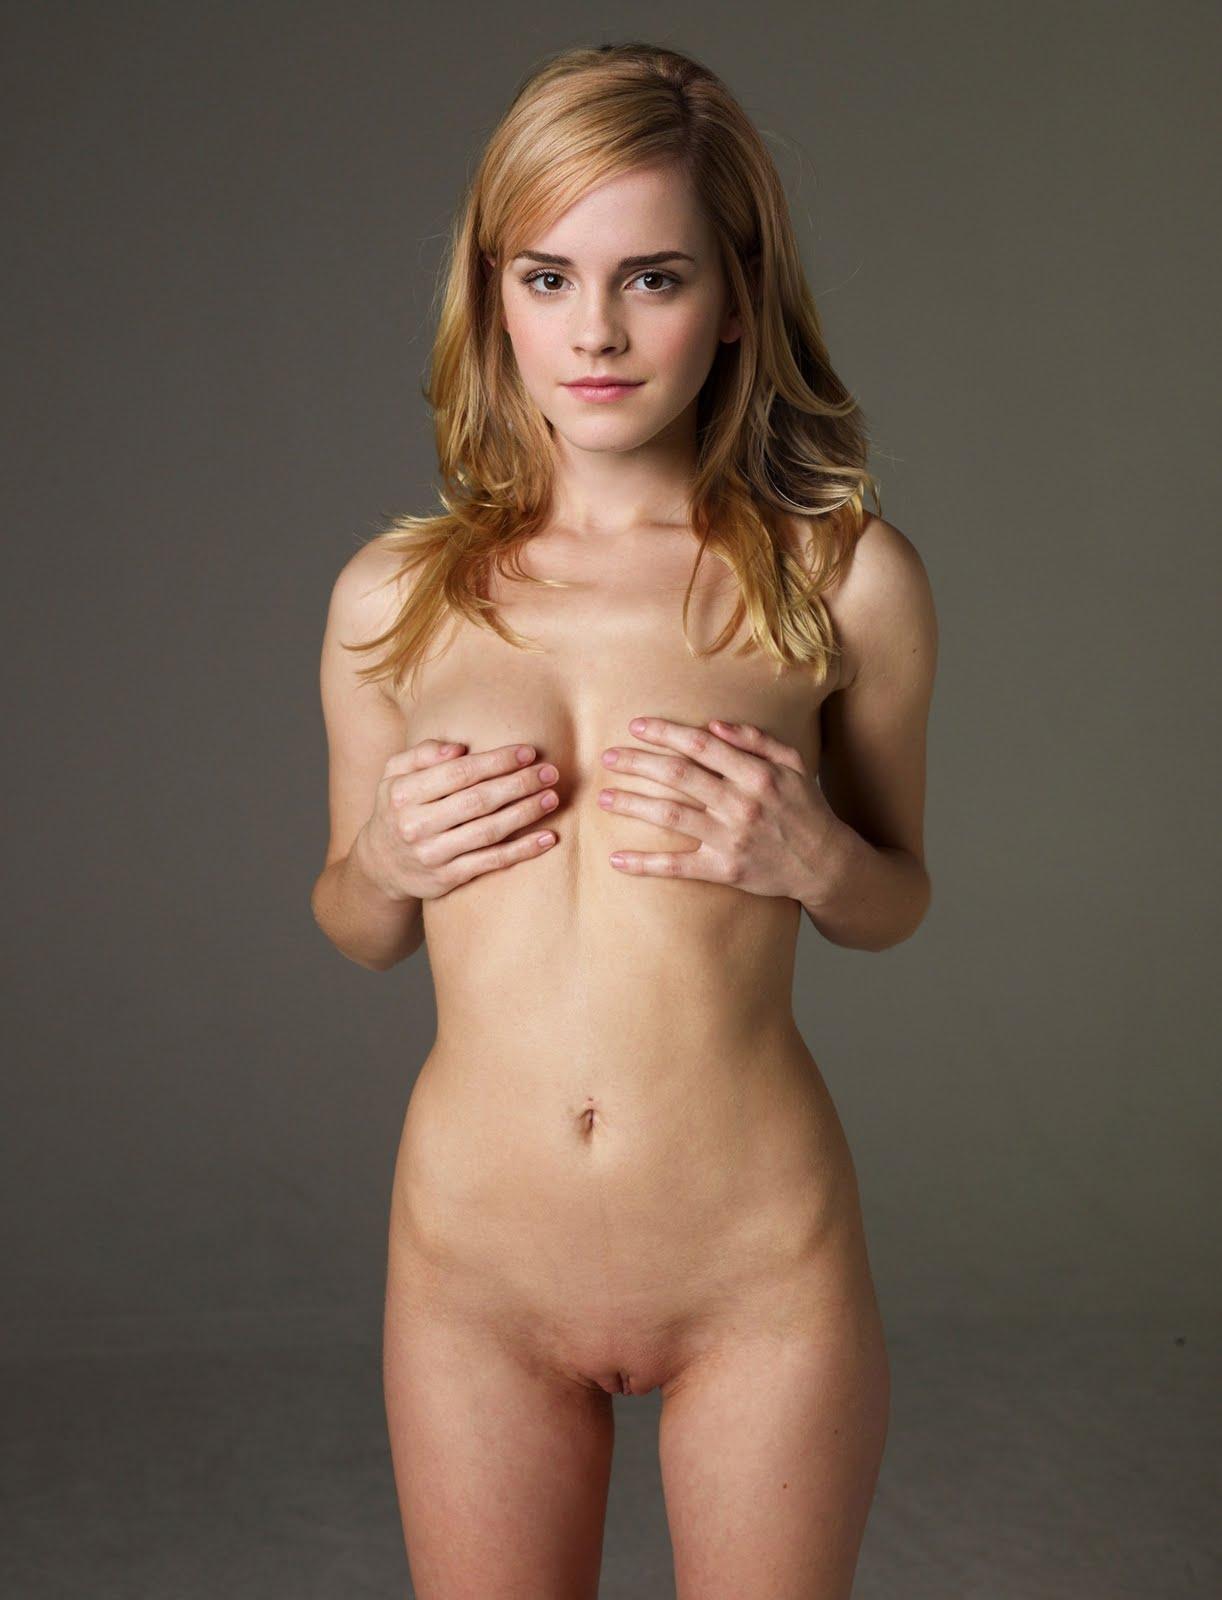 Эмма Уотсон Emma Watson голая и сексуальная Лучшие